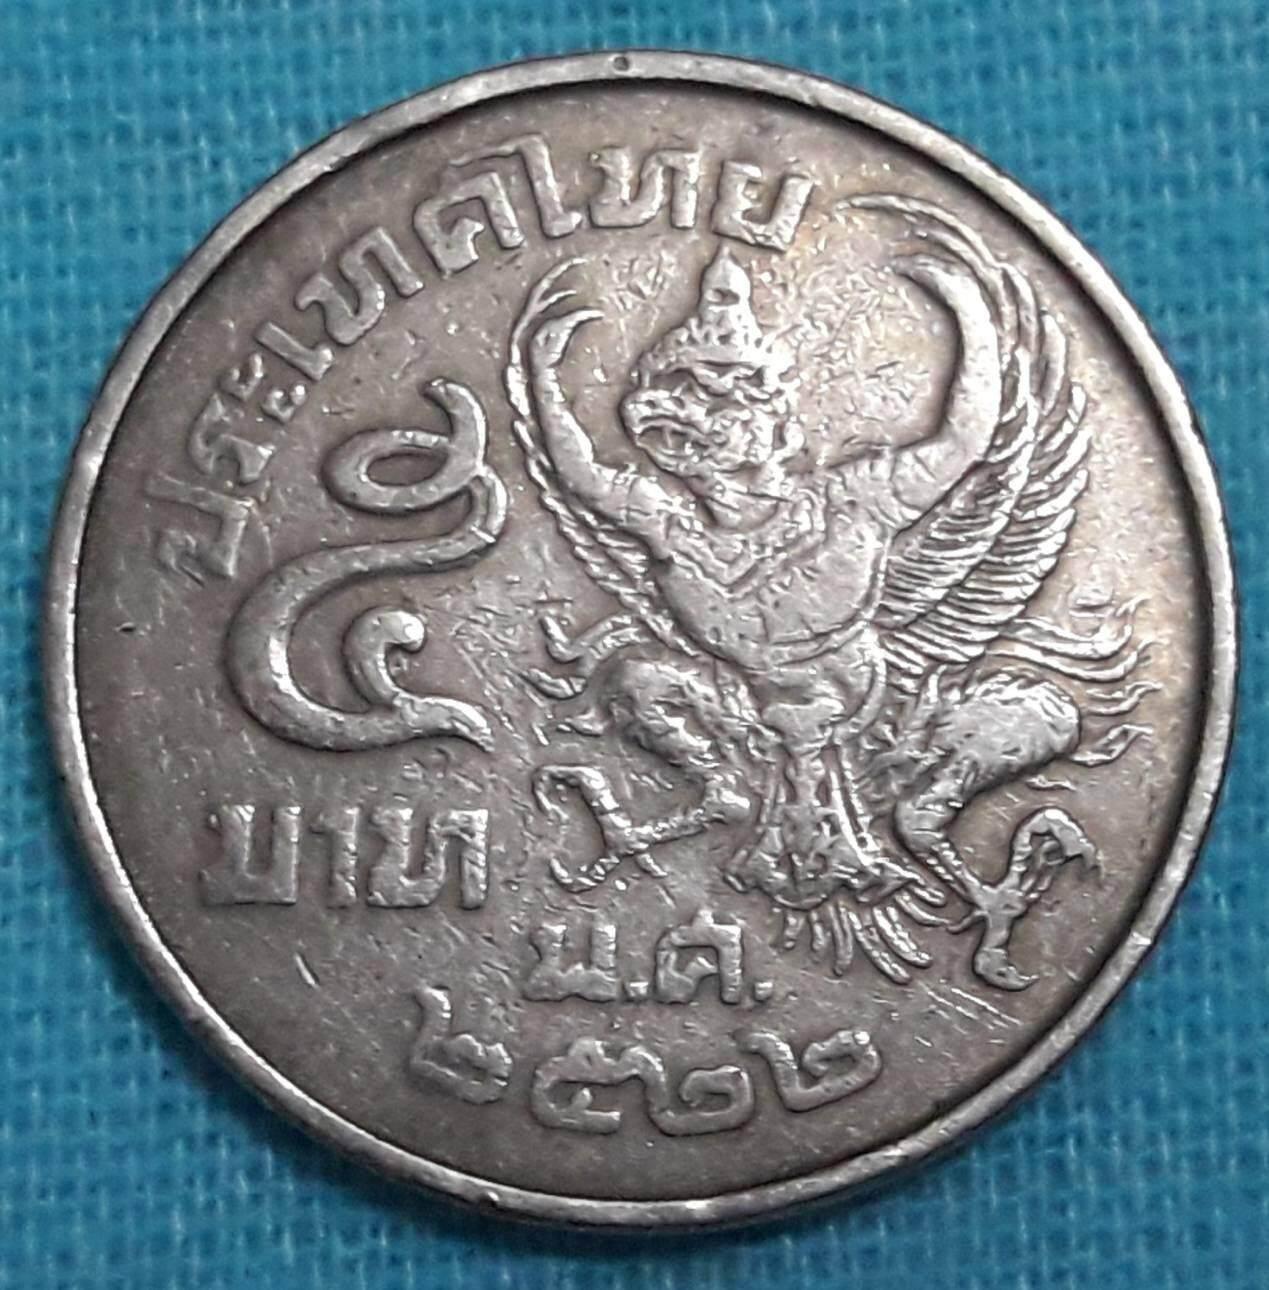 เหรียญ 5 บาท ครุฑเฉียง ปี 2522 ส่งฟรี !! **เหรียญแท้** (ชนิตหมุนเวียน พร้อม ส่งฟรี !!).